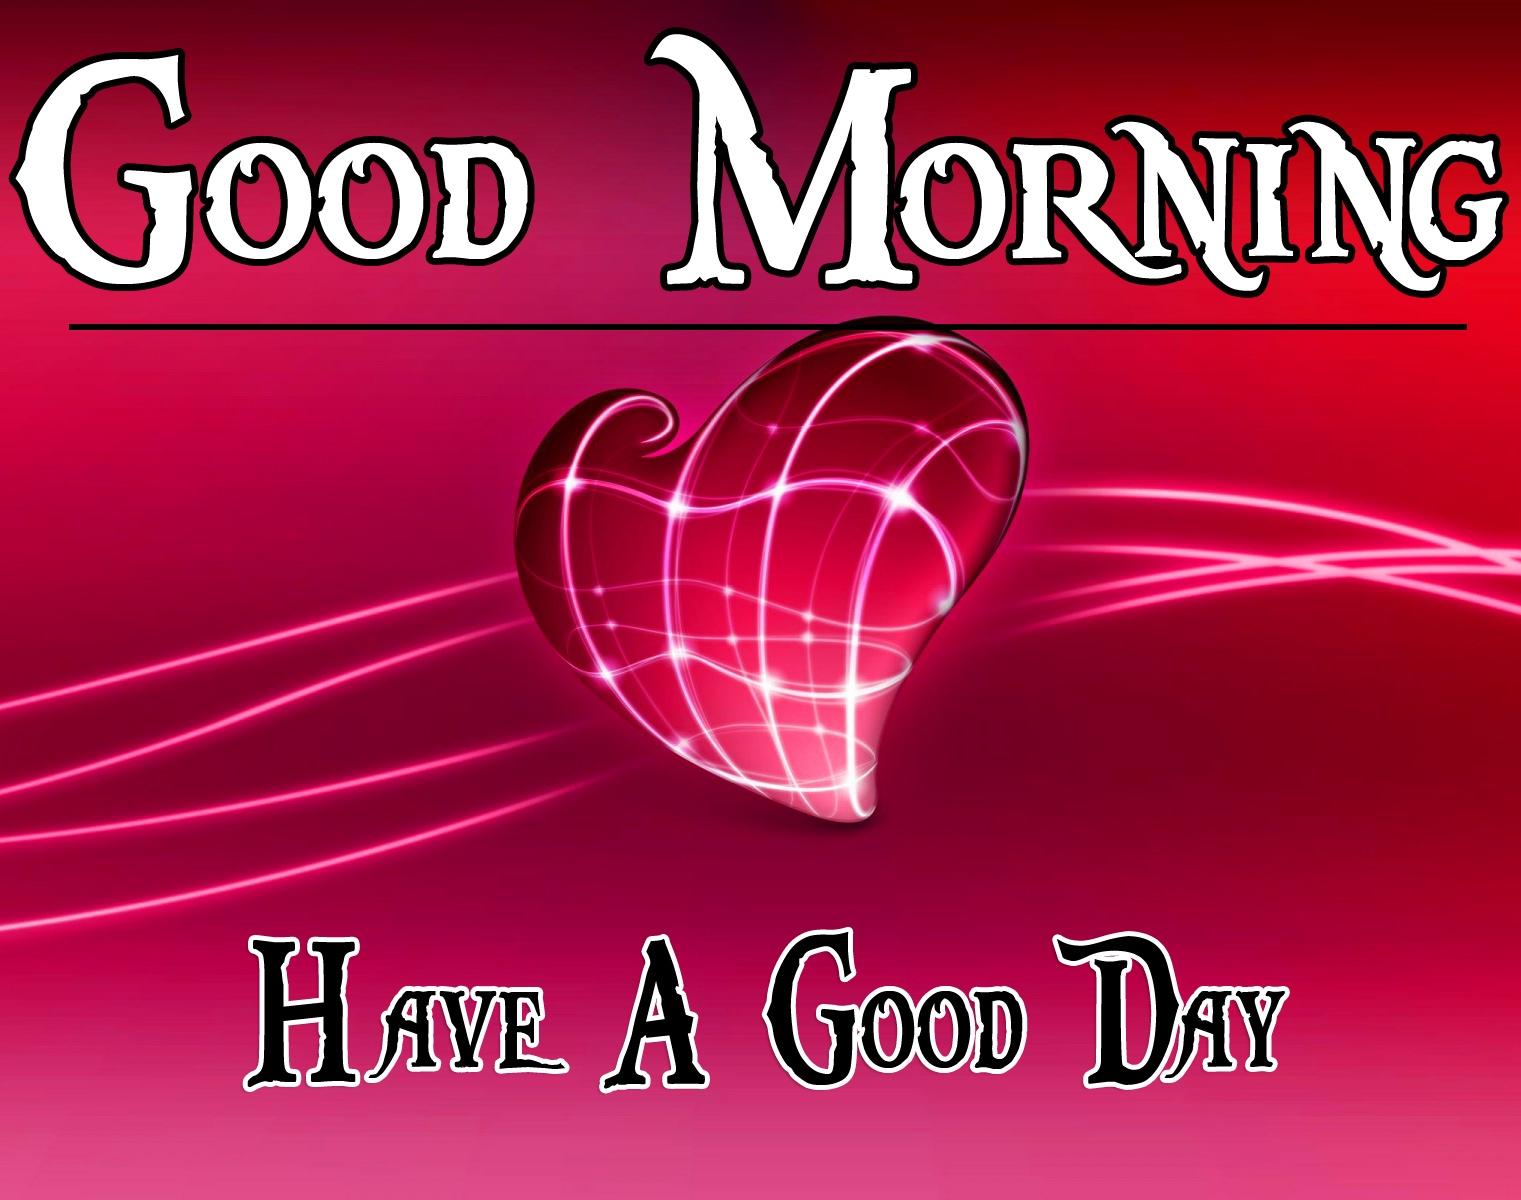 Special Good Morning Wallpaper 2